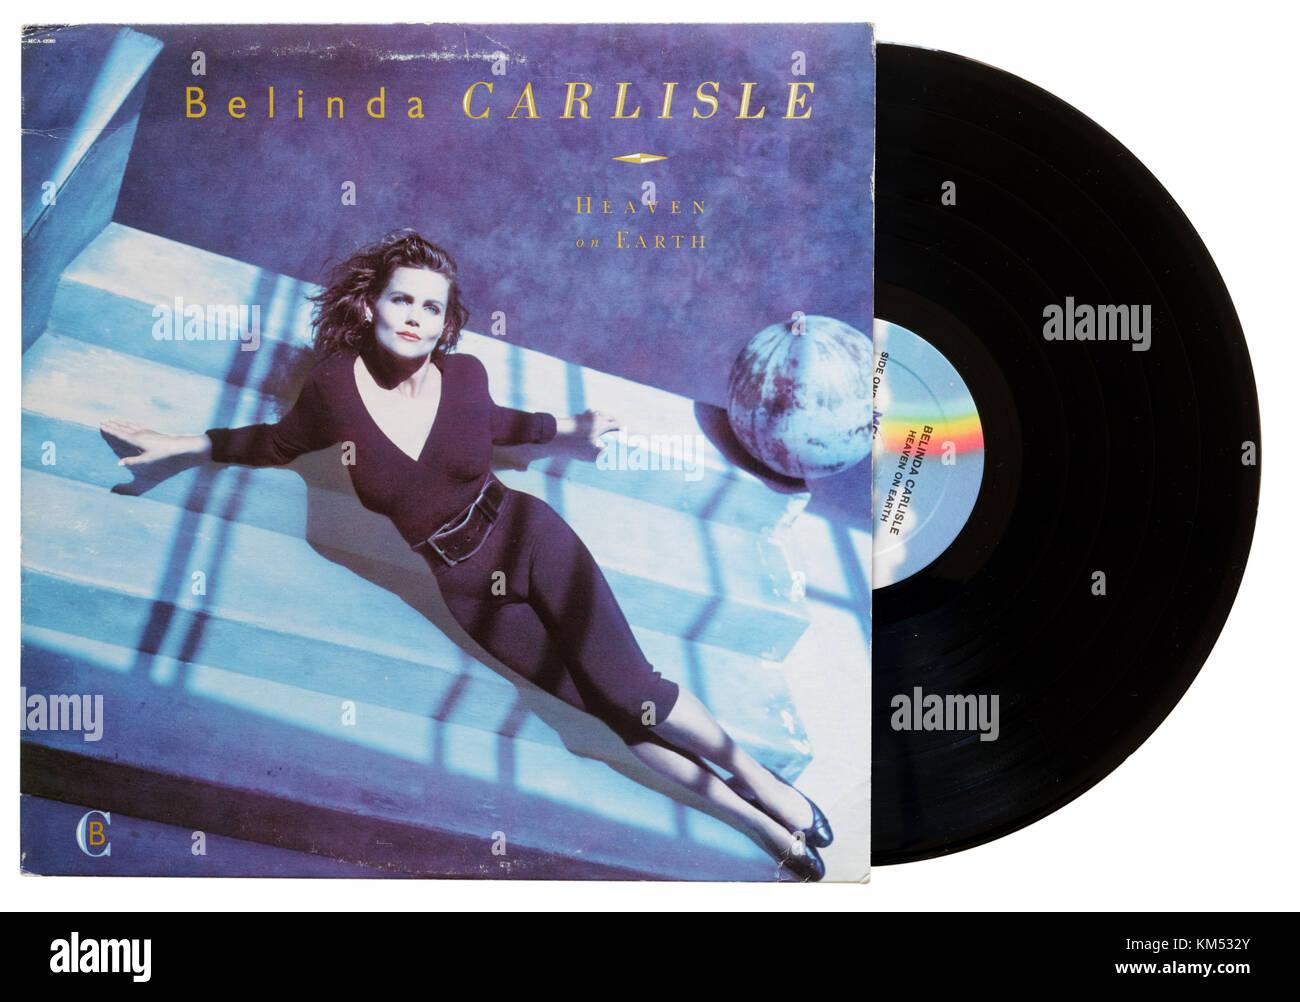 Belinda Carlisle Heaven on Earth album - Stock Image